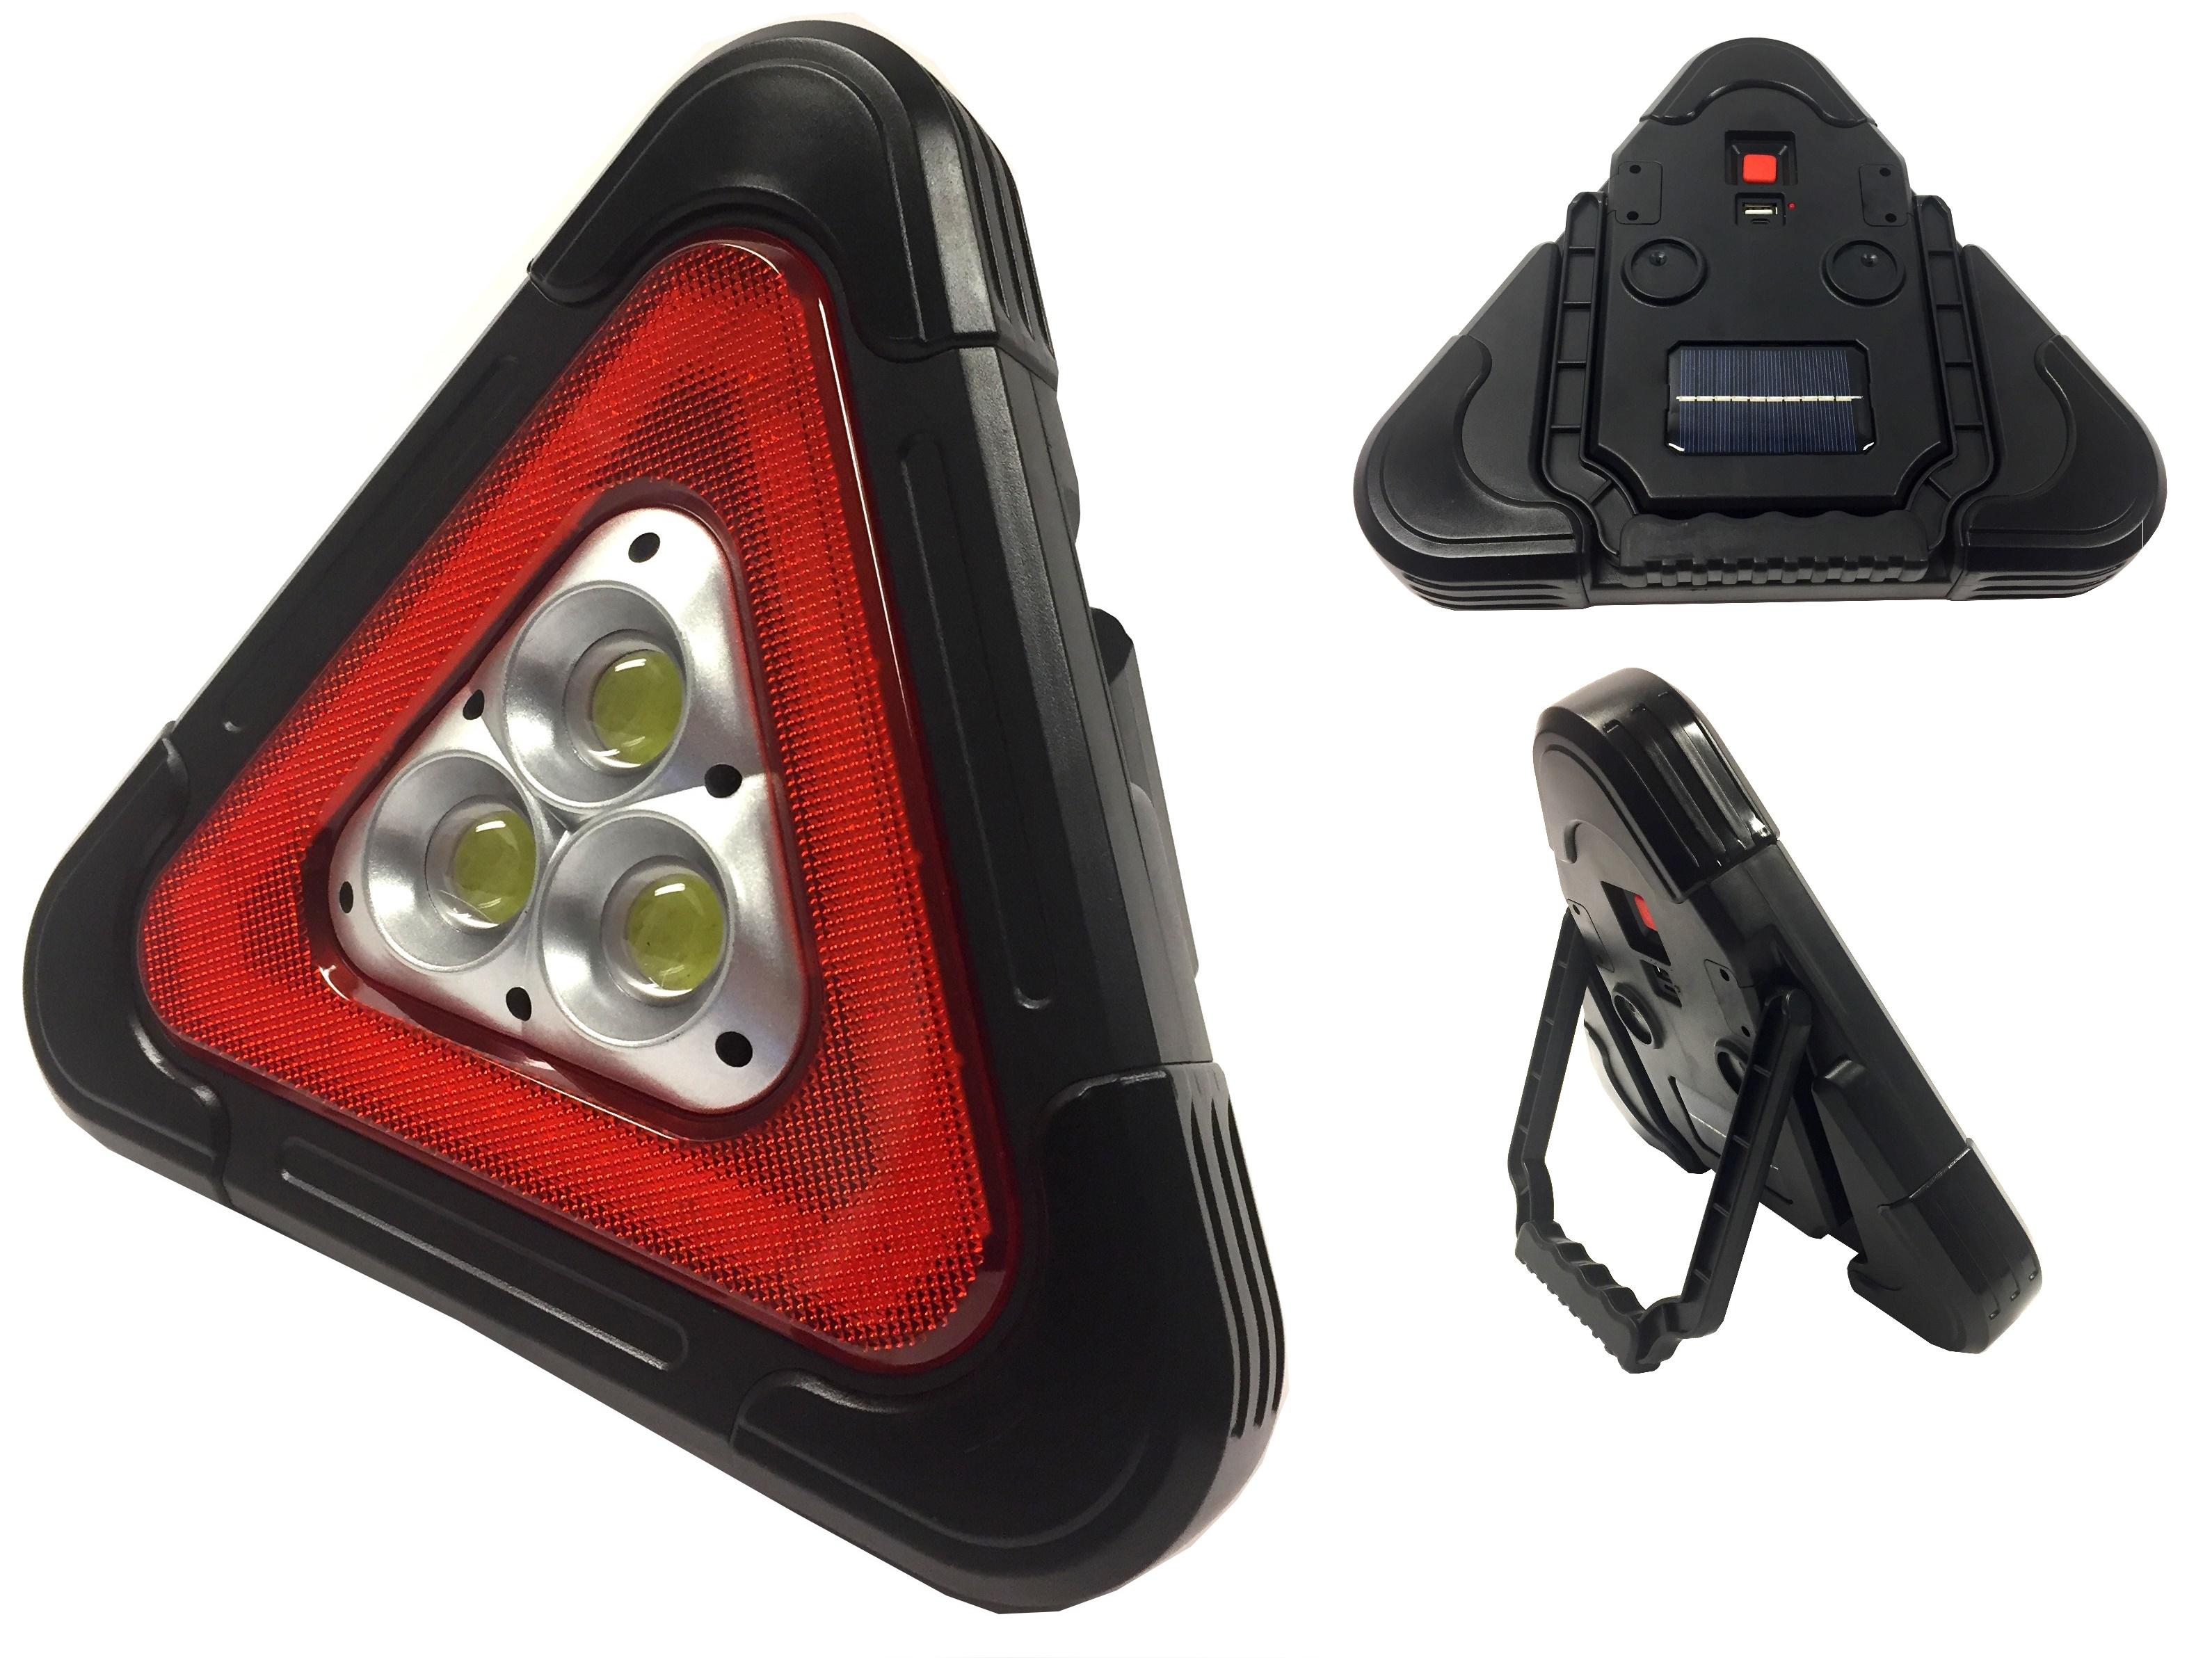 Bst Výstražní solární LED reflektor, trojúhelník se stojanem 27 x 24,5 cm